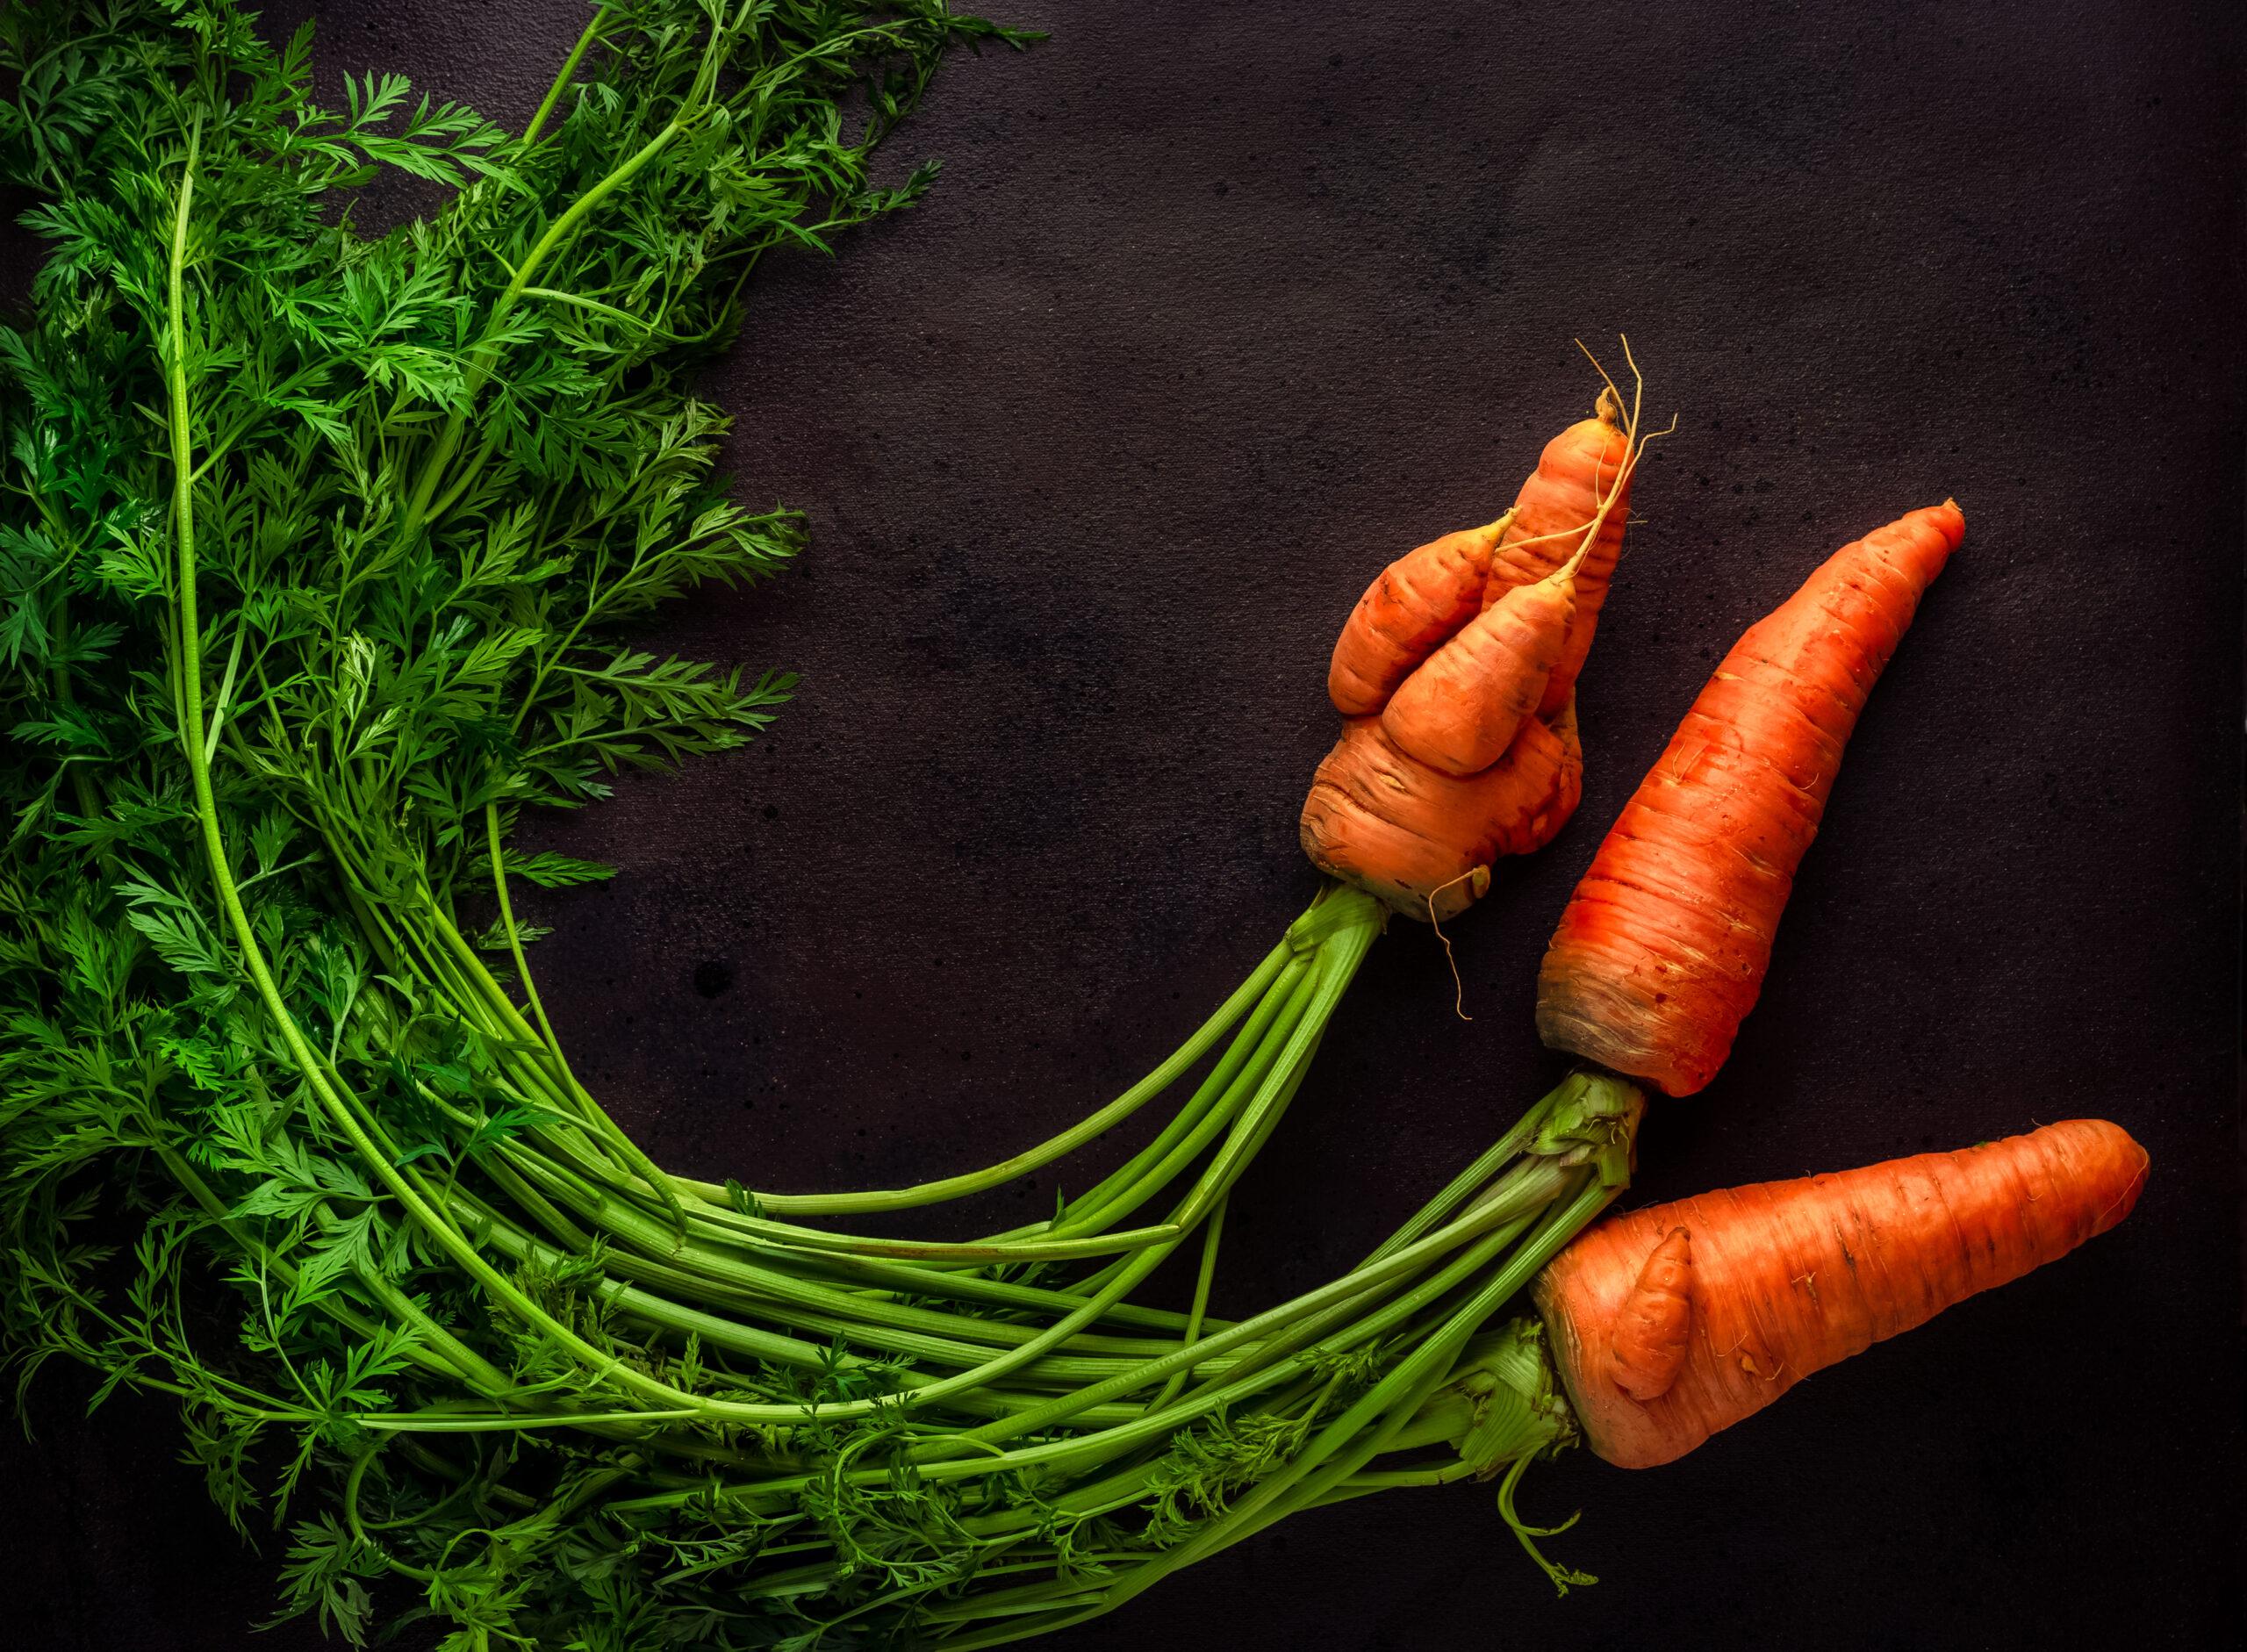 carotte moche